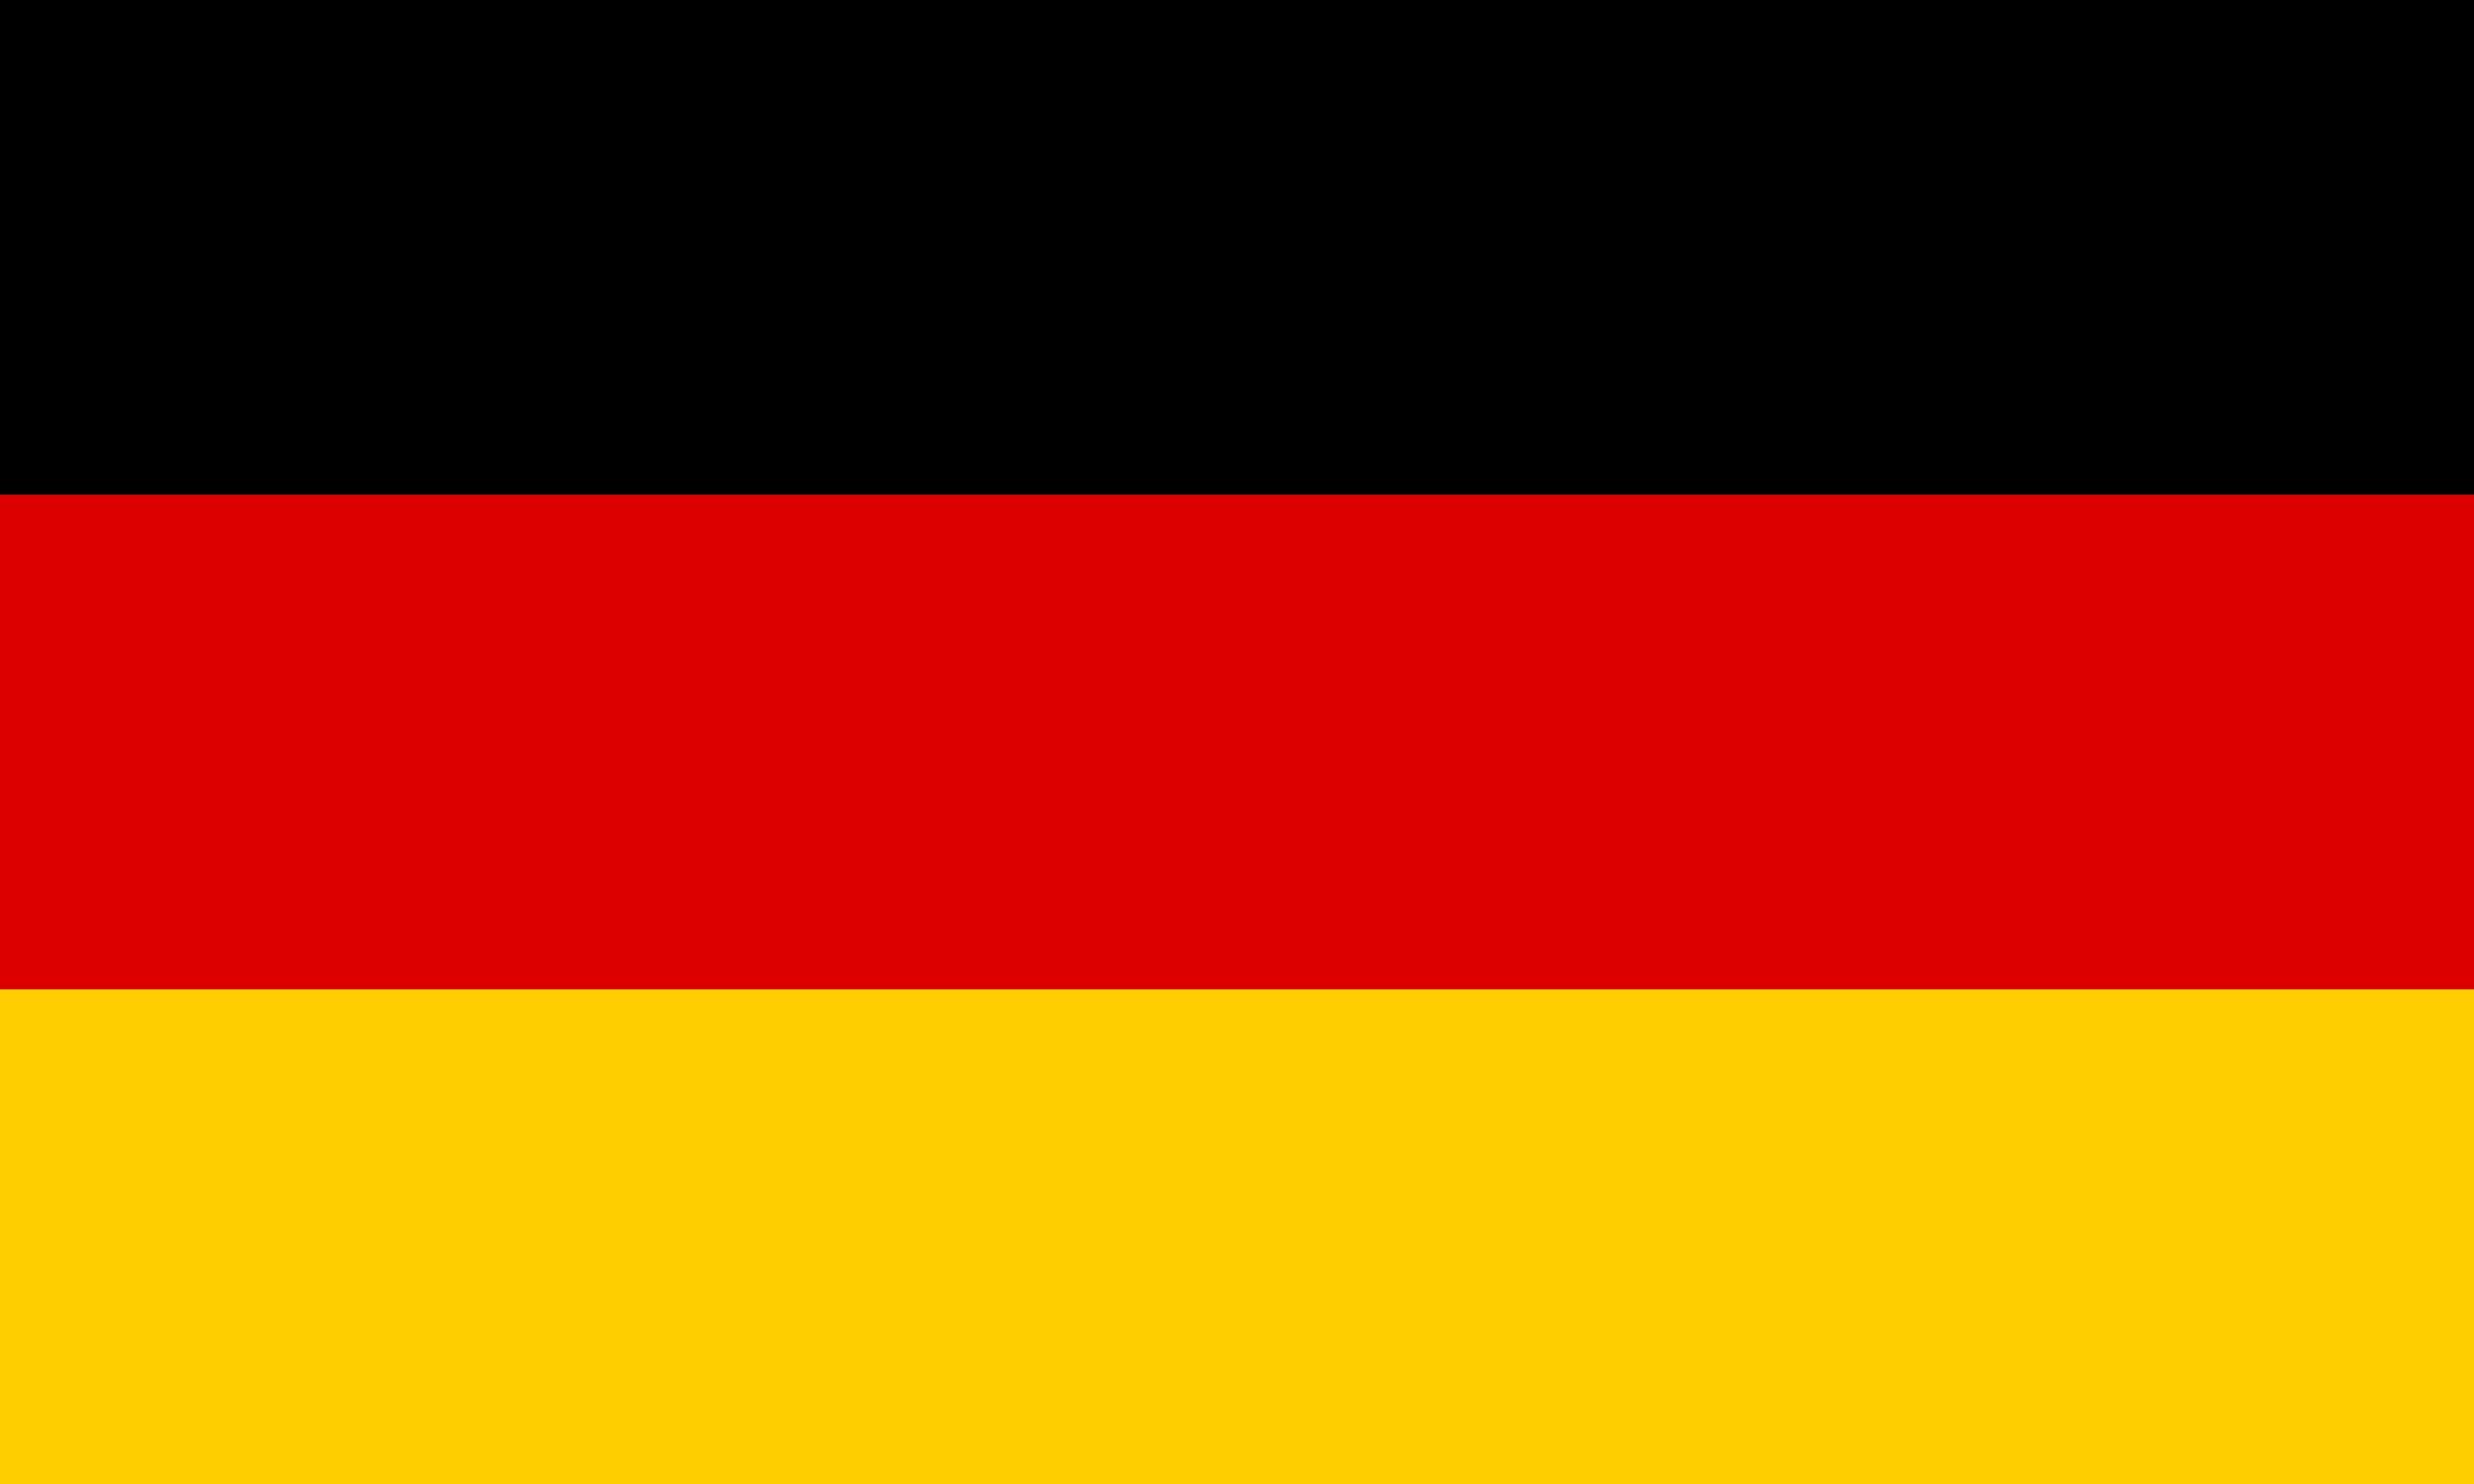 wwwhdewallpaperscomwallpaper19989 german flag wallpaperhtml 2560x1536